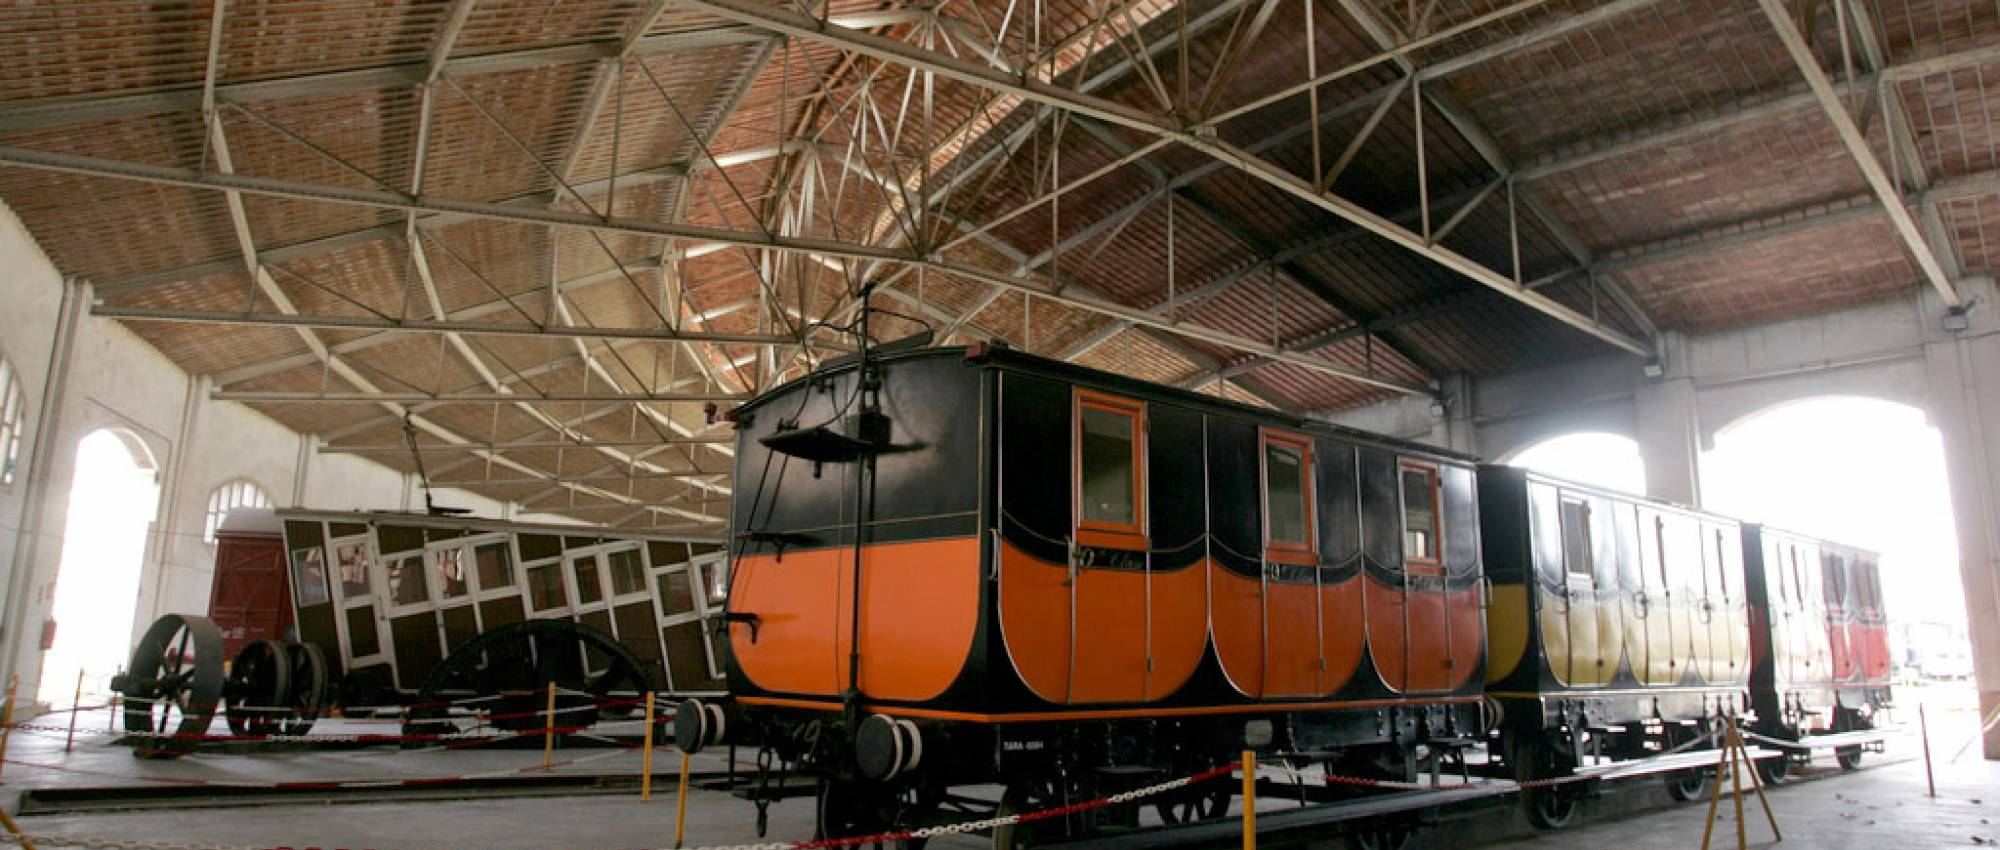 Museo del Ferrocarril de Vilanova i la Geltrú. Press Cambrabcn / Flickr. CC BY-SA 2.0